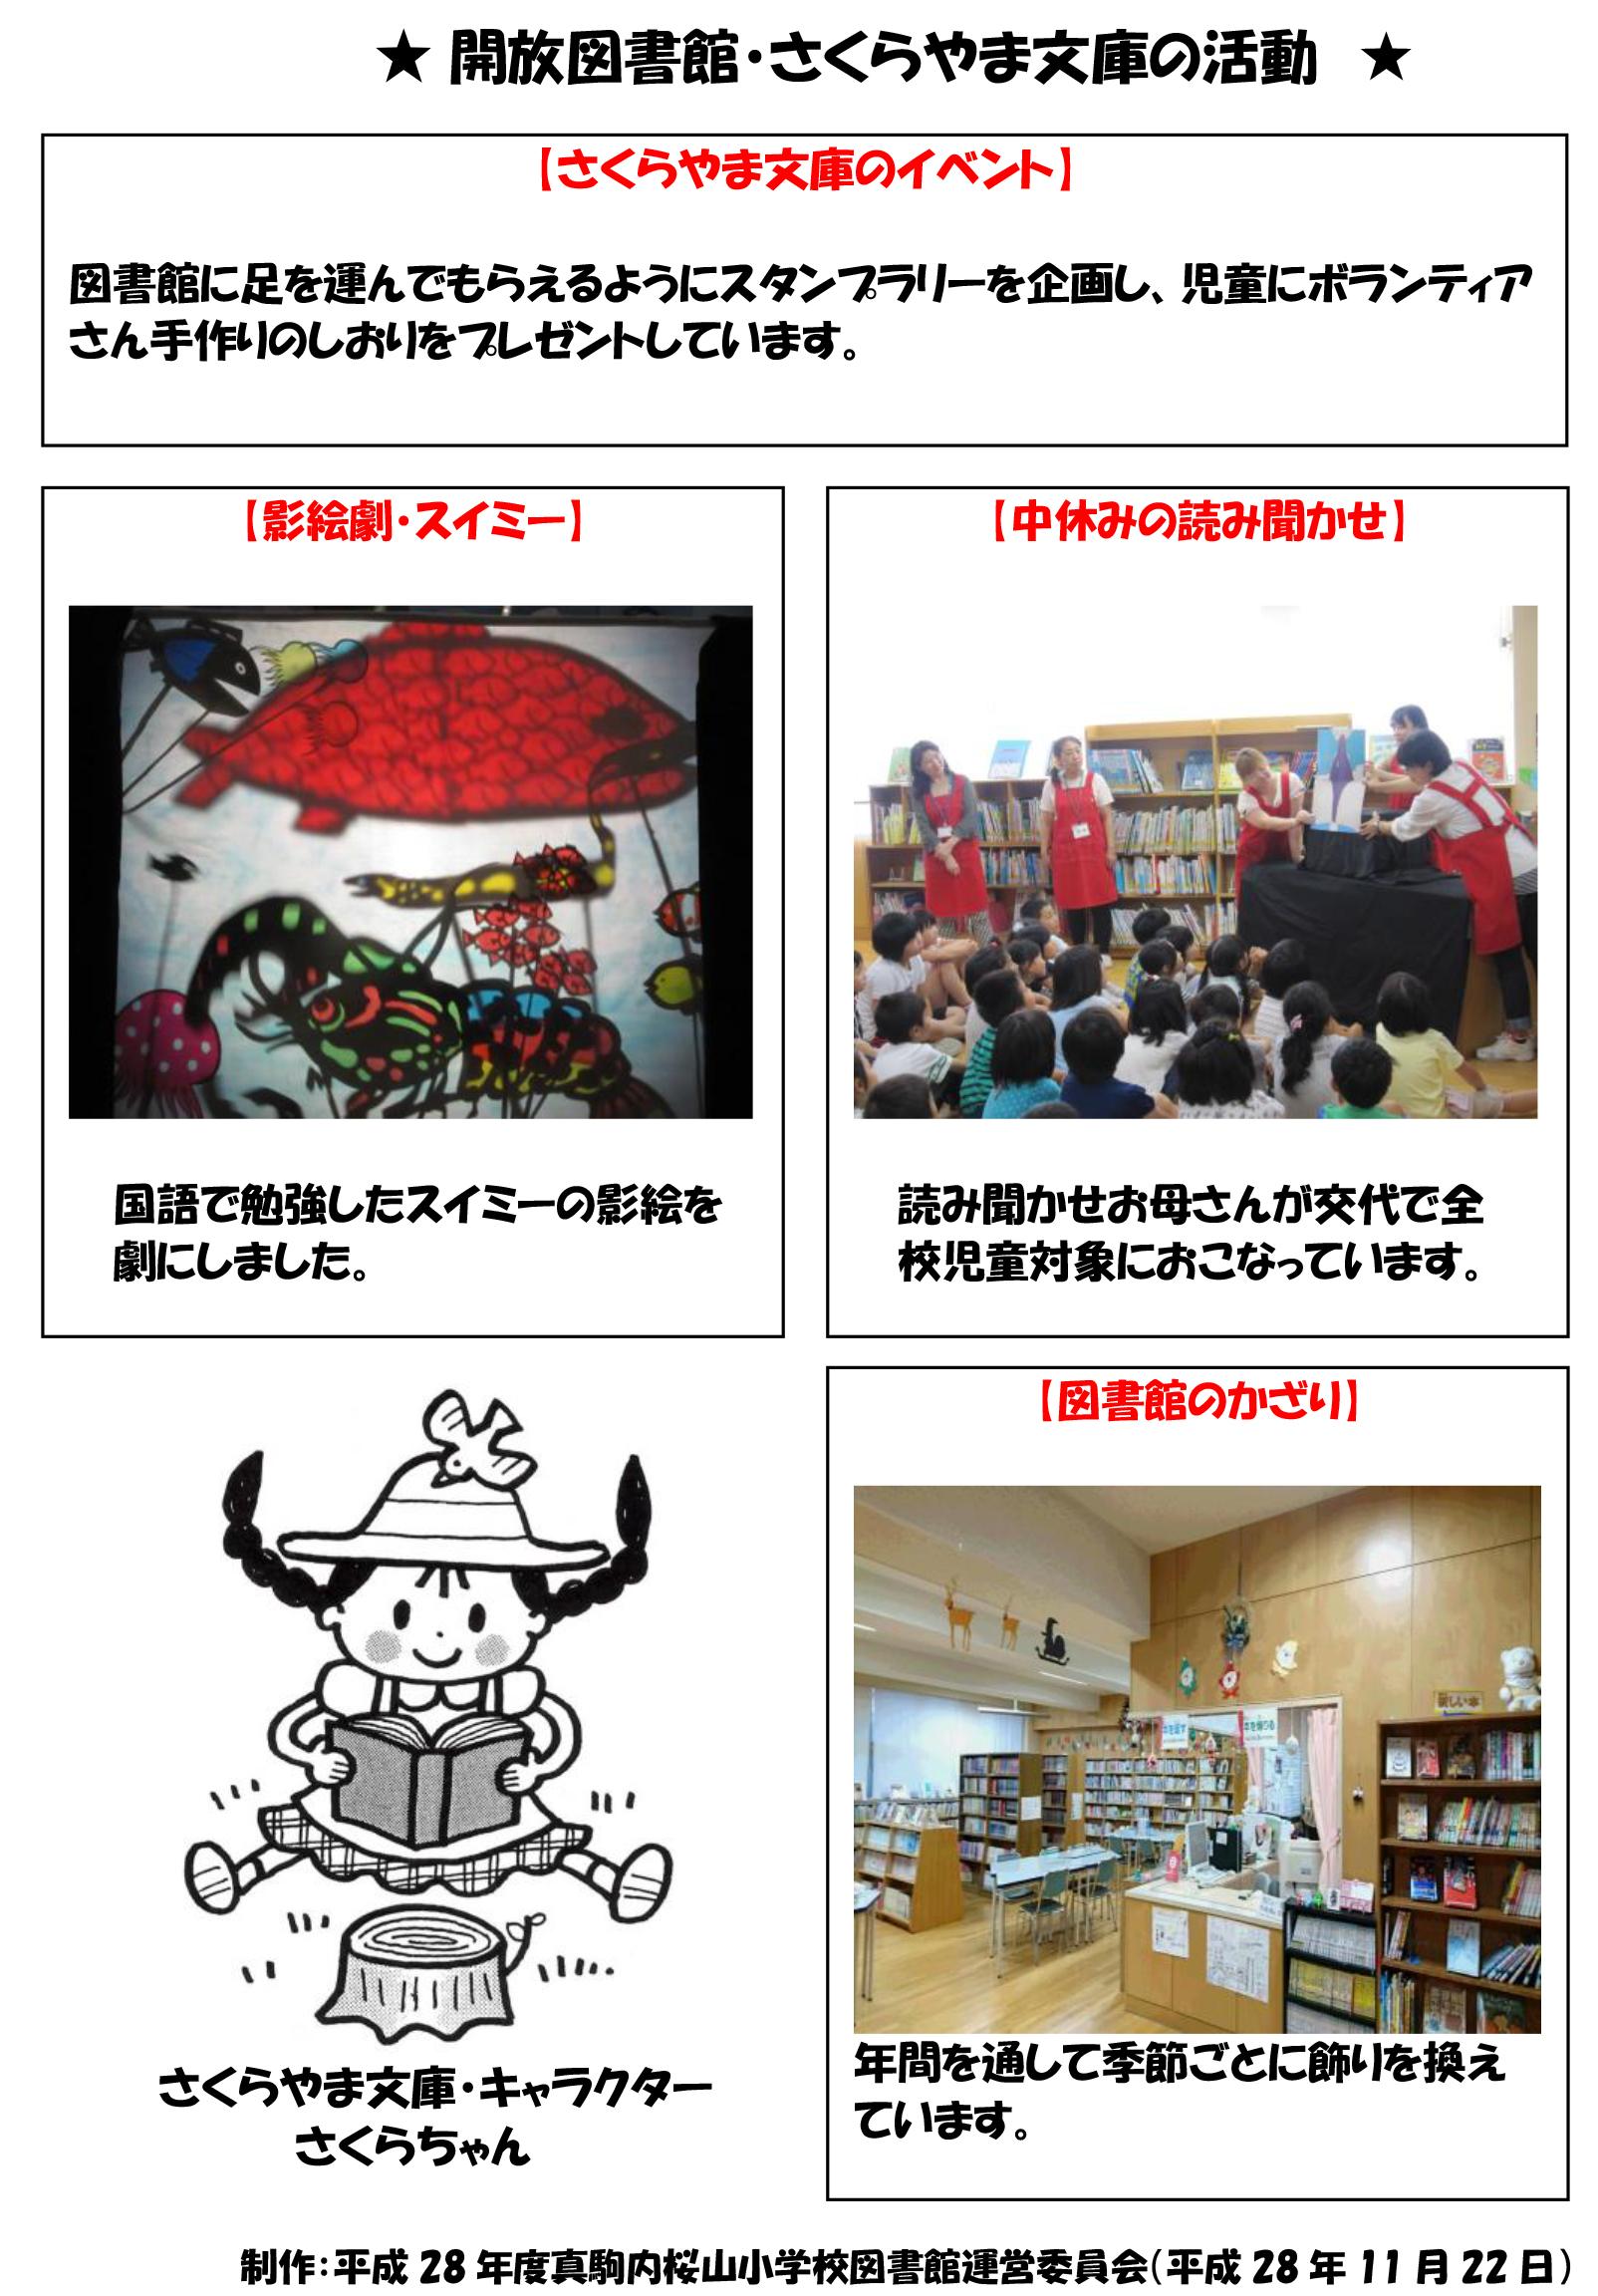 真駒内桜山小学校 さくらやま文庫